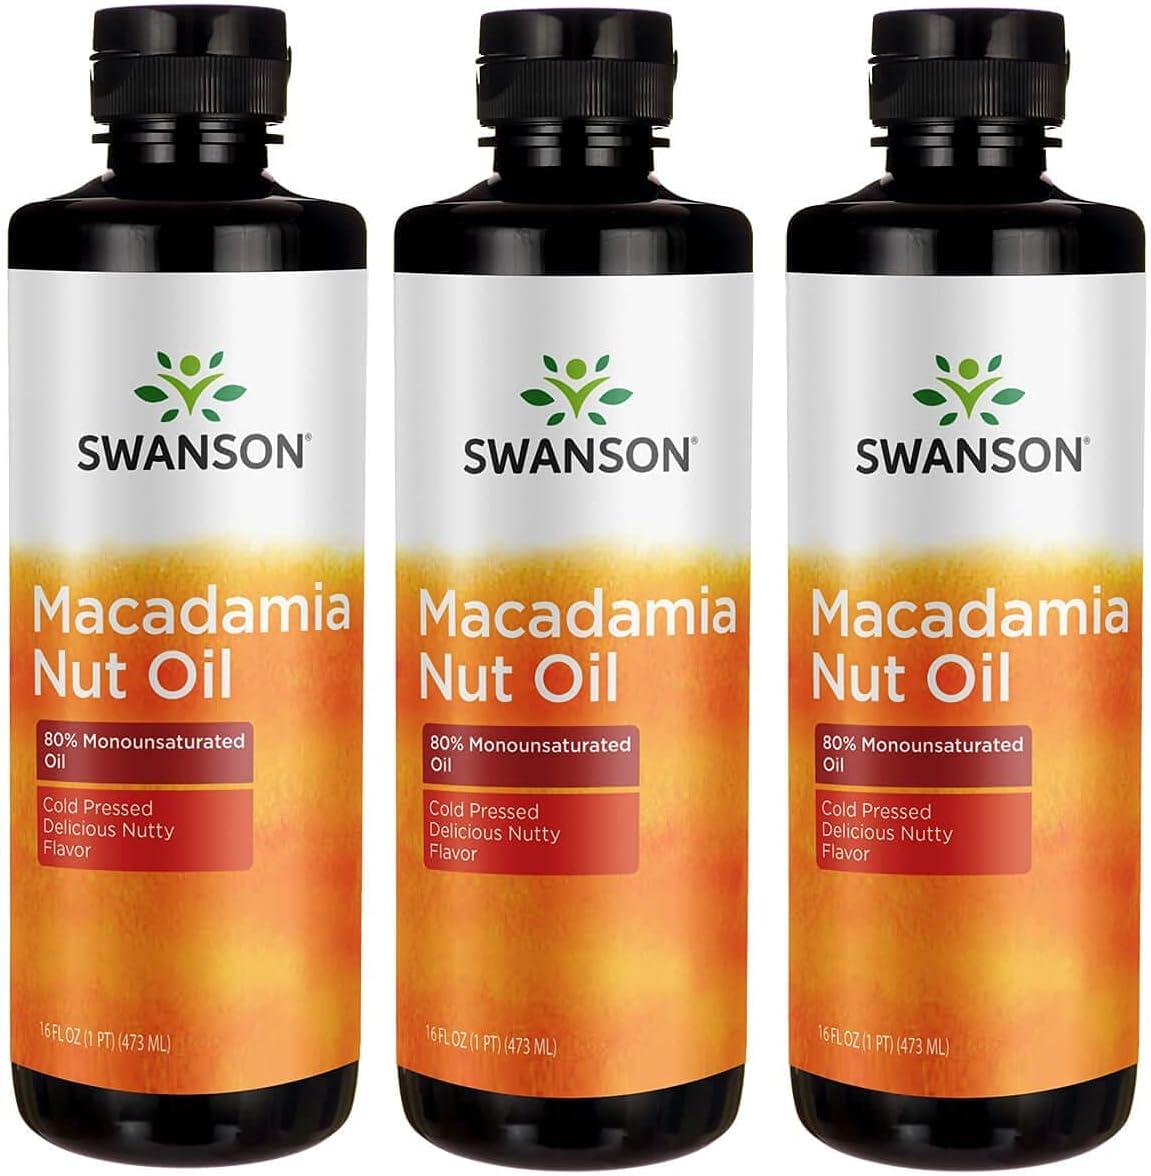 Swanson Macadamia Nut Oil, Cold Pressed 16 fl oz Liquid 3 Pack